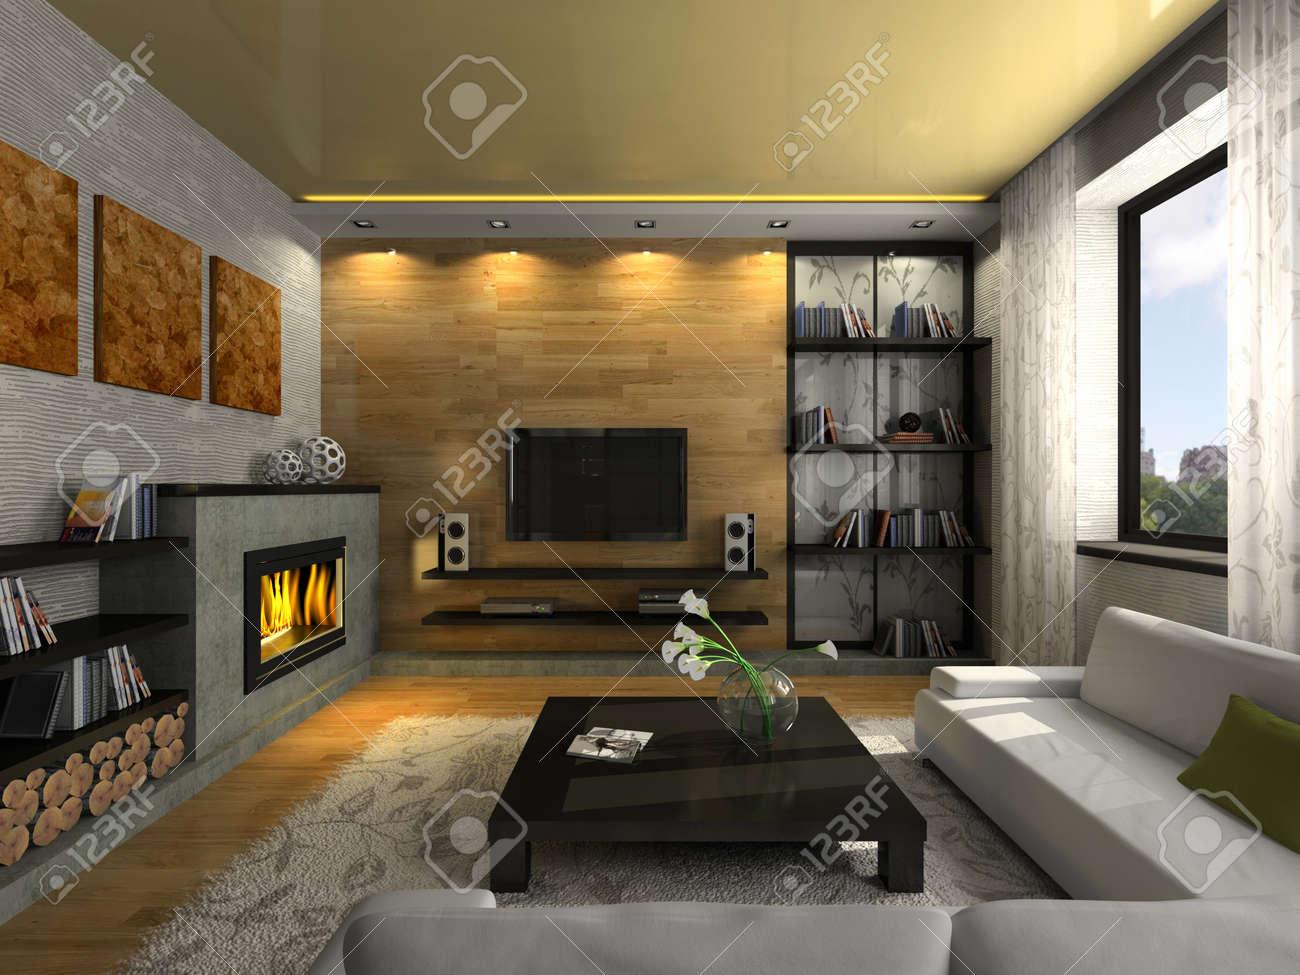 Bekijk op de moderne appartement met open haard d foto in het